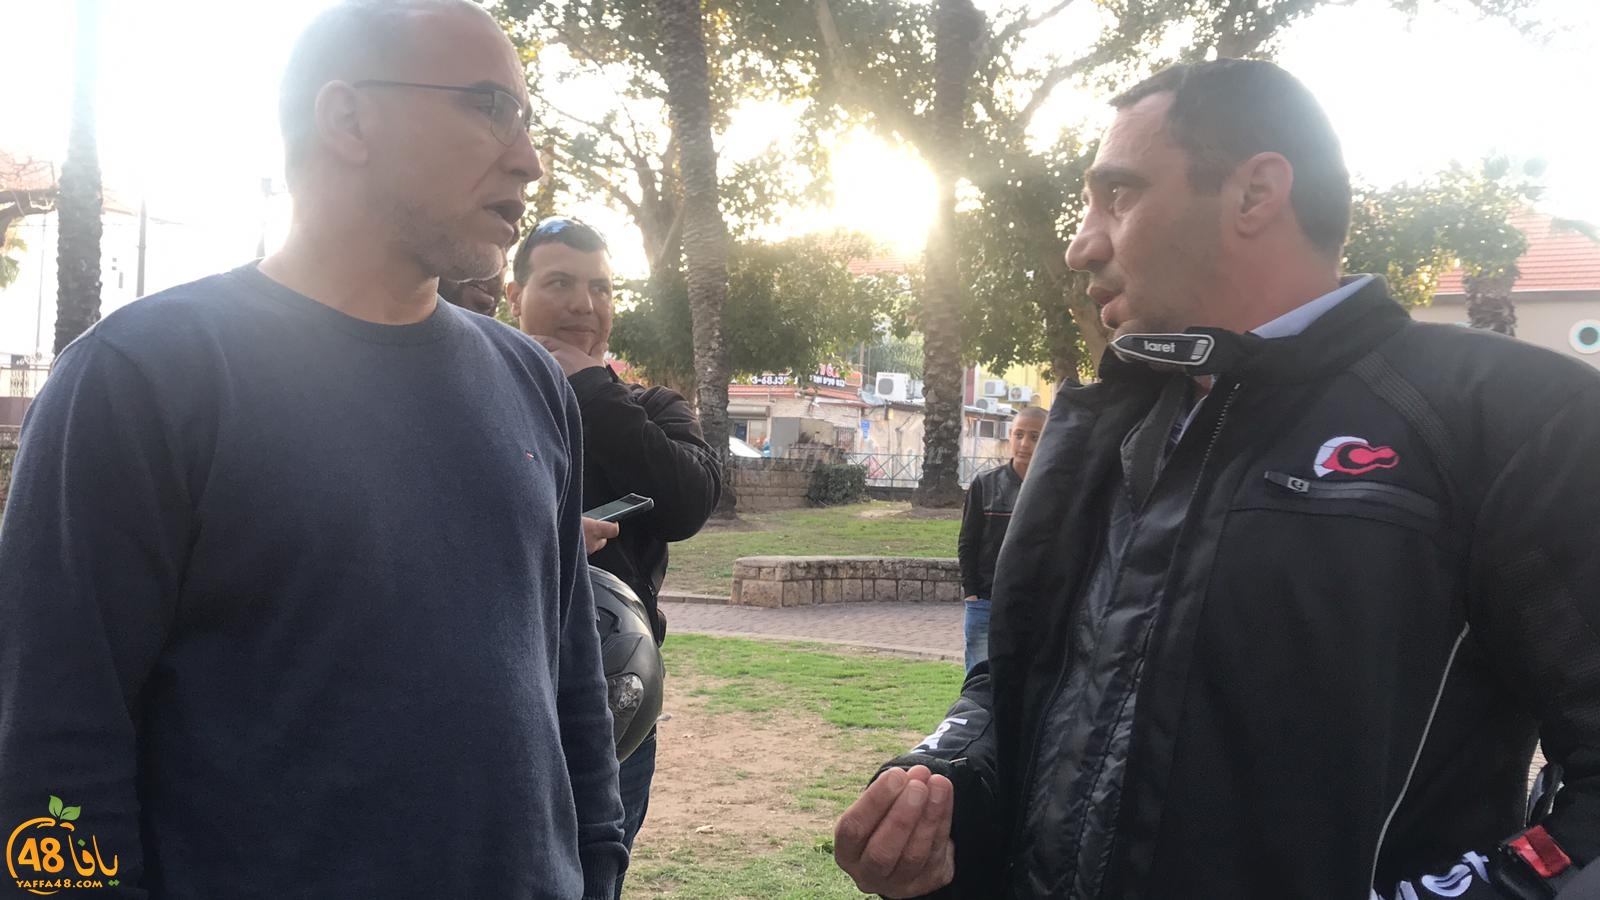 فيديو: البلدية تُمهل عائلة 24 ساعة لإخلاء الخيمة من حديقة الغزازوة ودعوات للتضامن